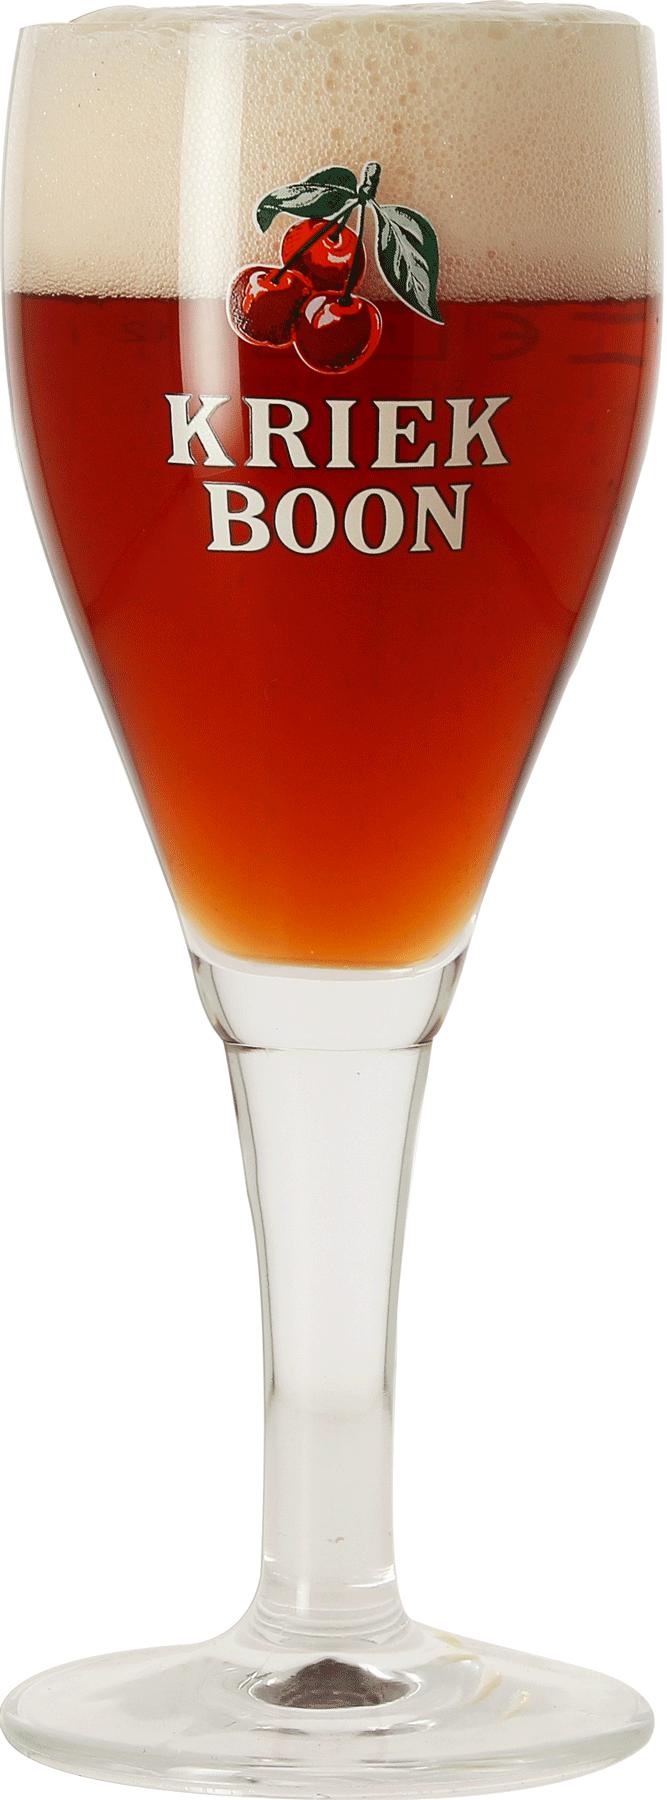 Boon Kriek Vaso de Cerveza - 20cl